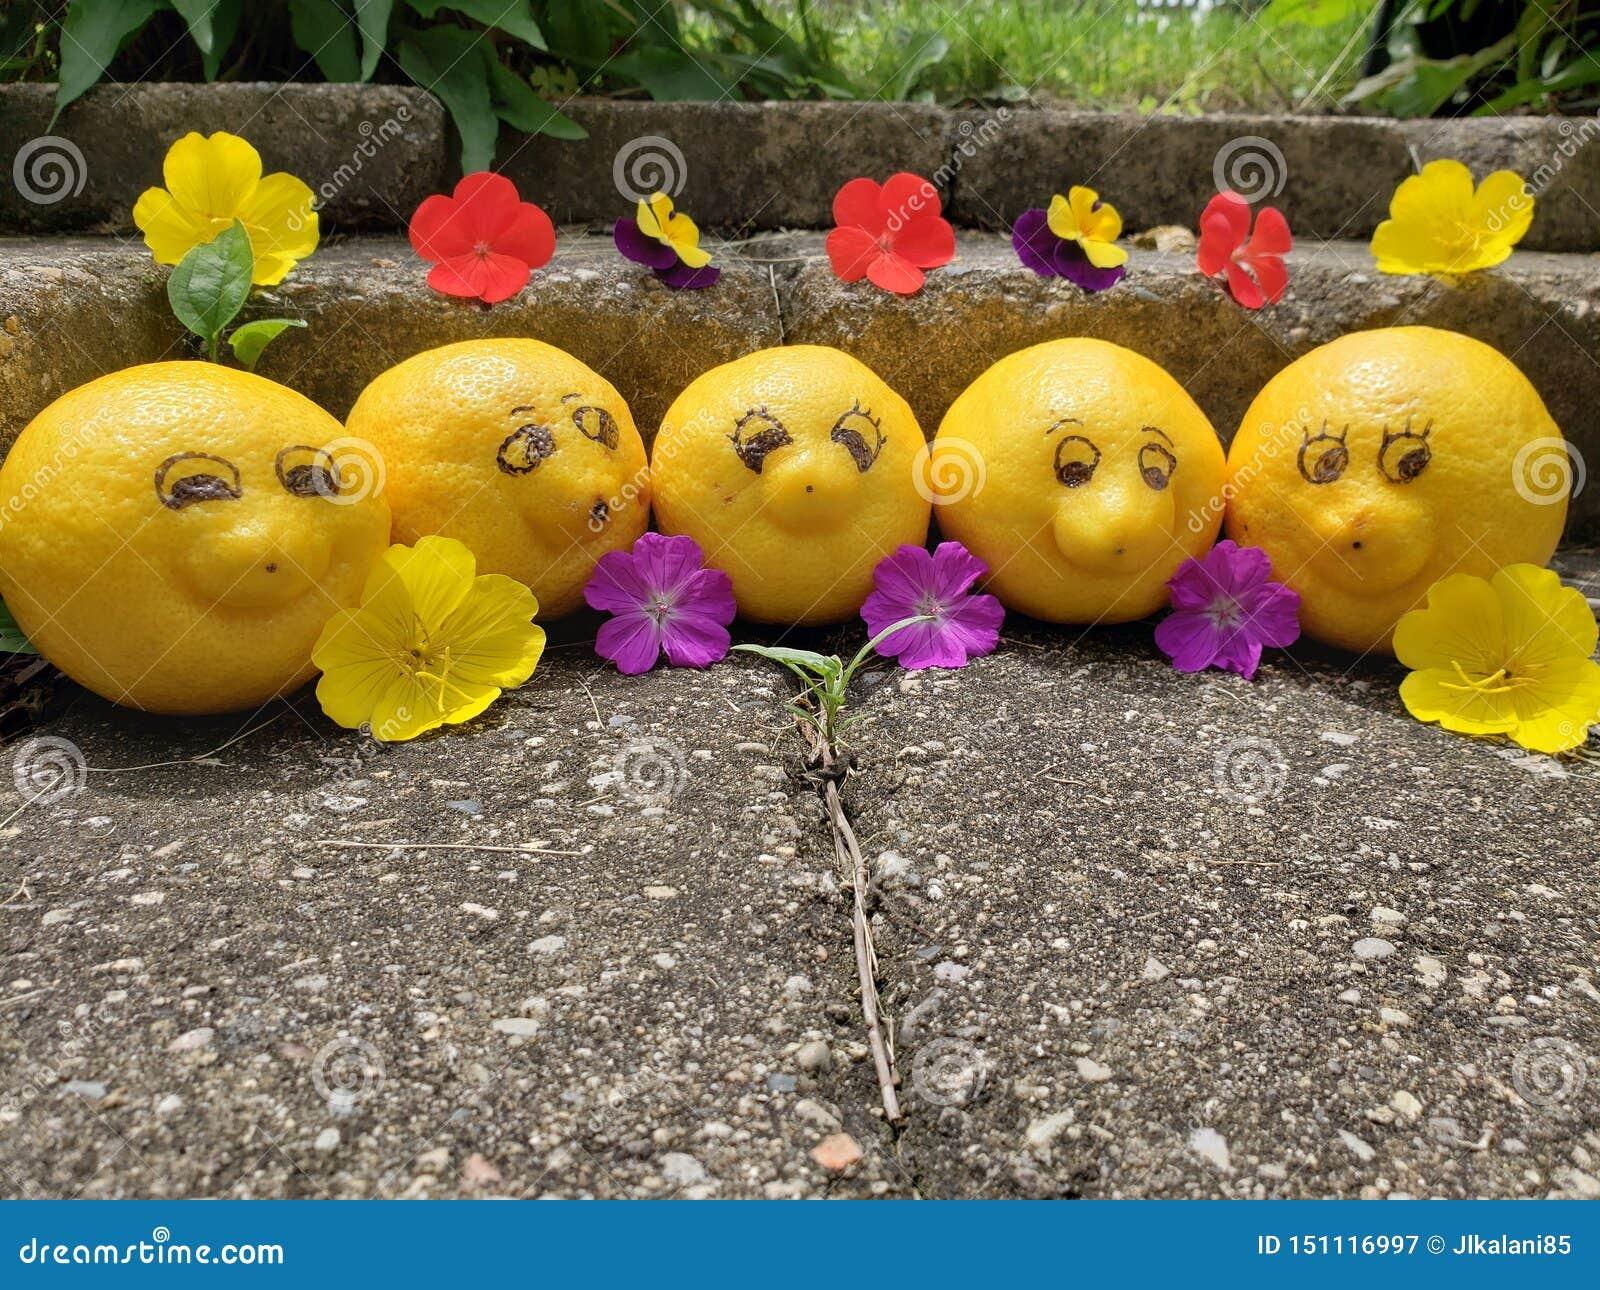 Группа в составе счастливые, усмехаясь лимоны принимает время вне пока на каникулах представить для камеры